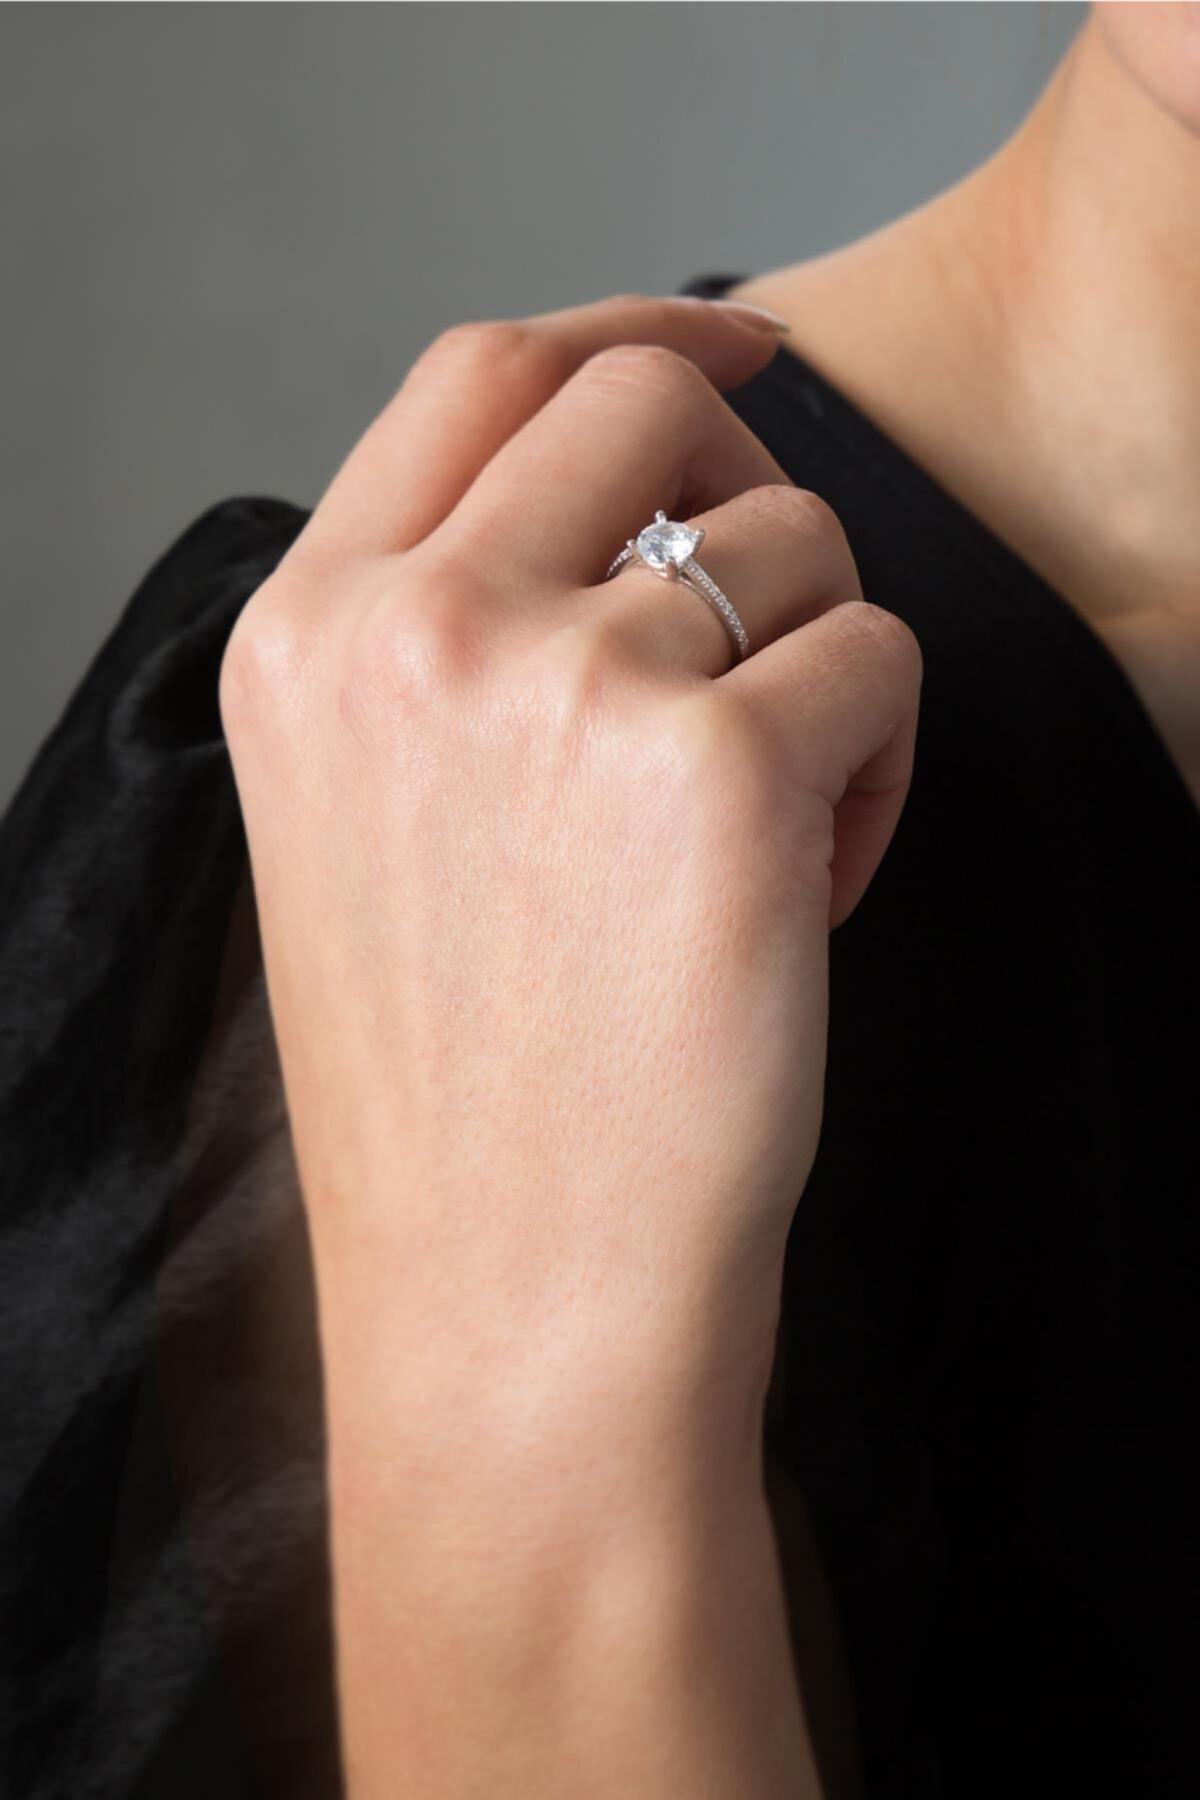 Elika Silver Kadın Tek Sıra Tek Taş Gümüş 925 Ayar Gümüş Yüzük 1